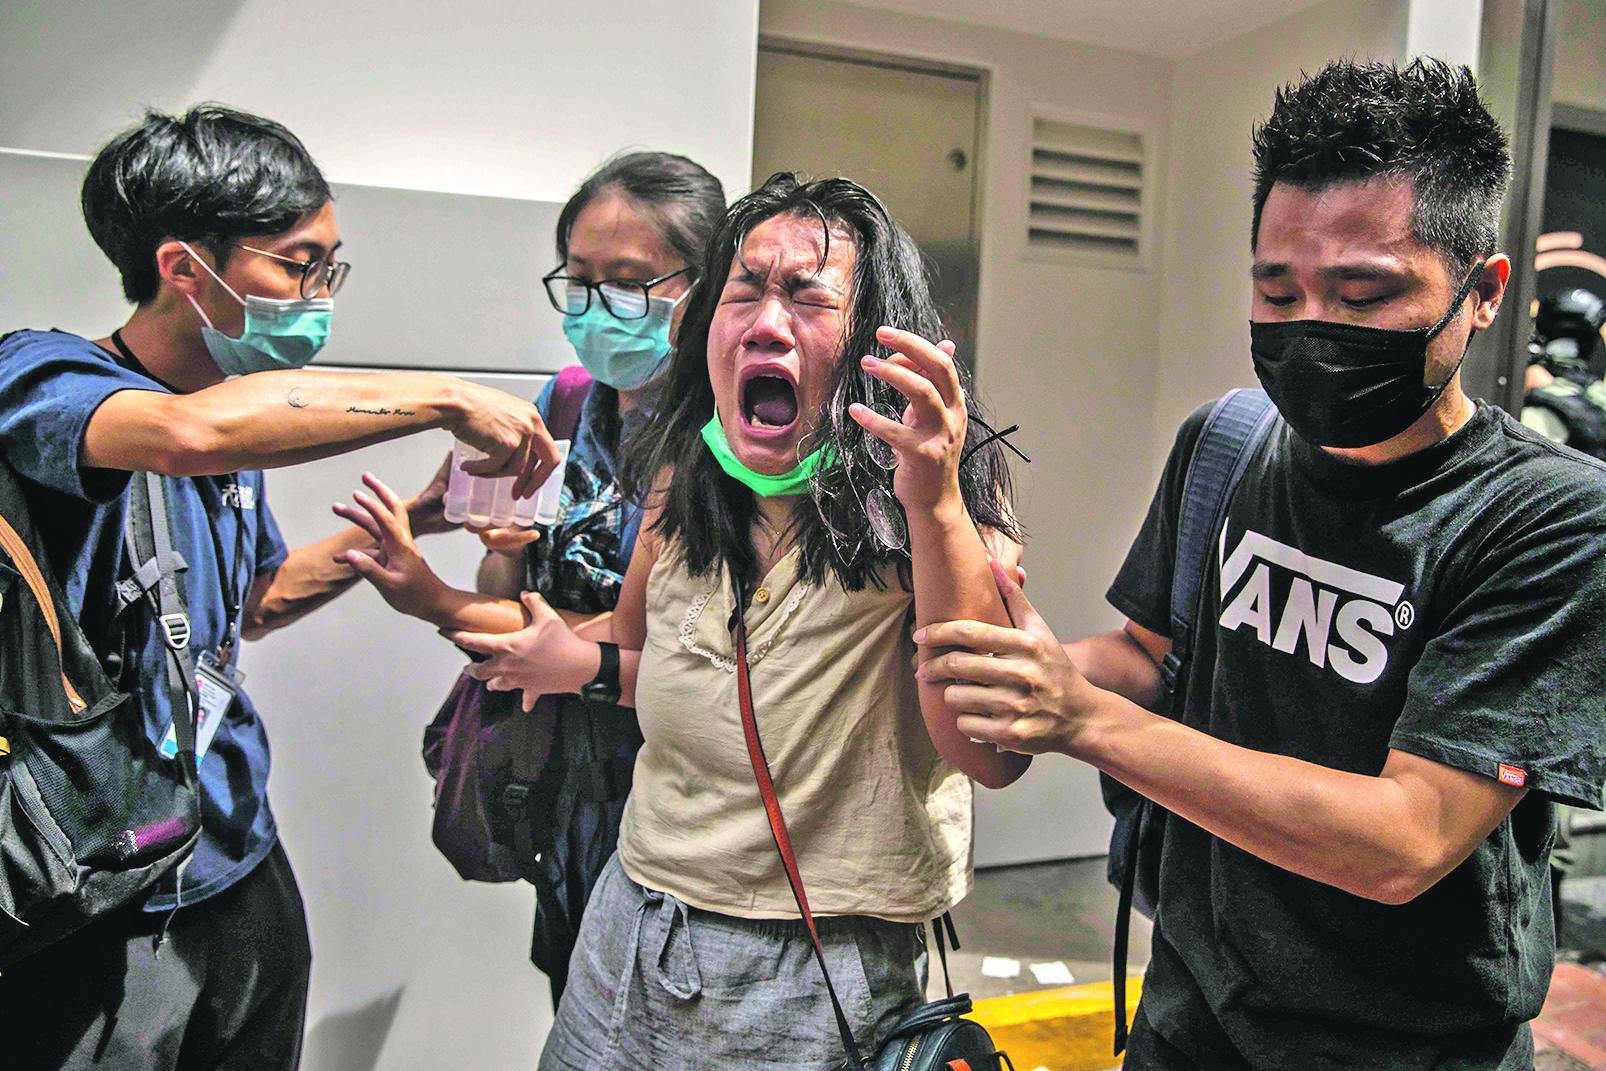 POČELI NEREDI U HONG KONGU! Snimci haosa na ulicama obilaze svijet, a tri miliona ljudi moglo bi krenuti za Veliku Britaniju!